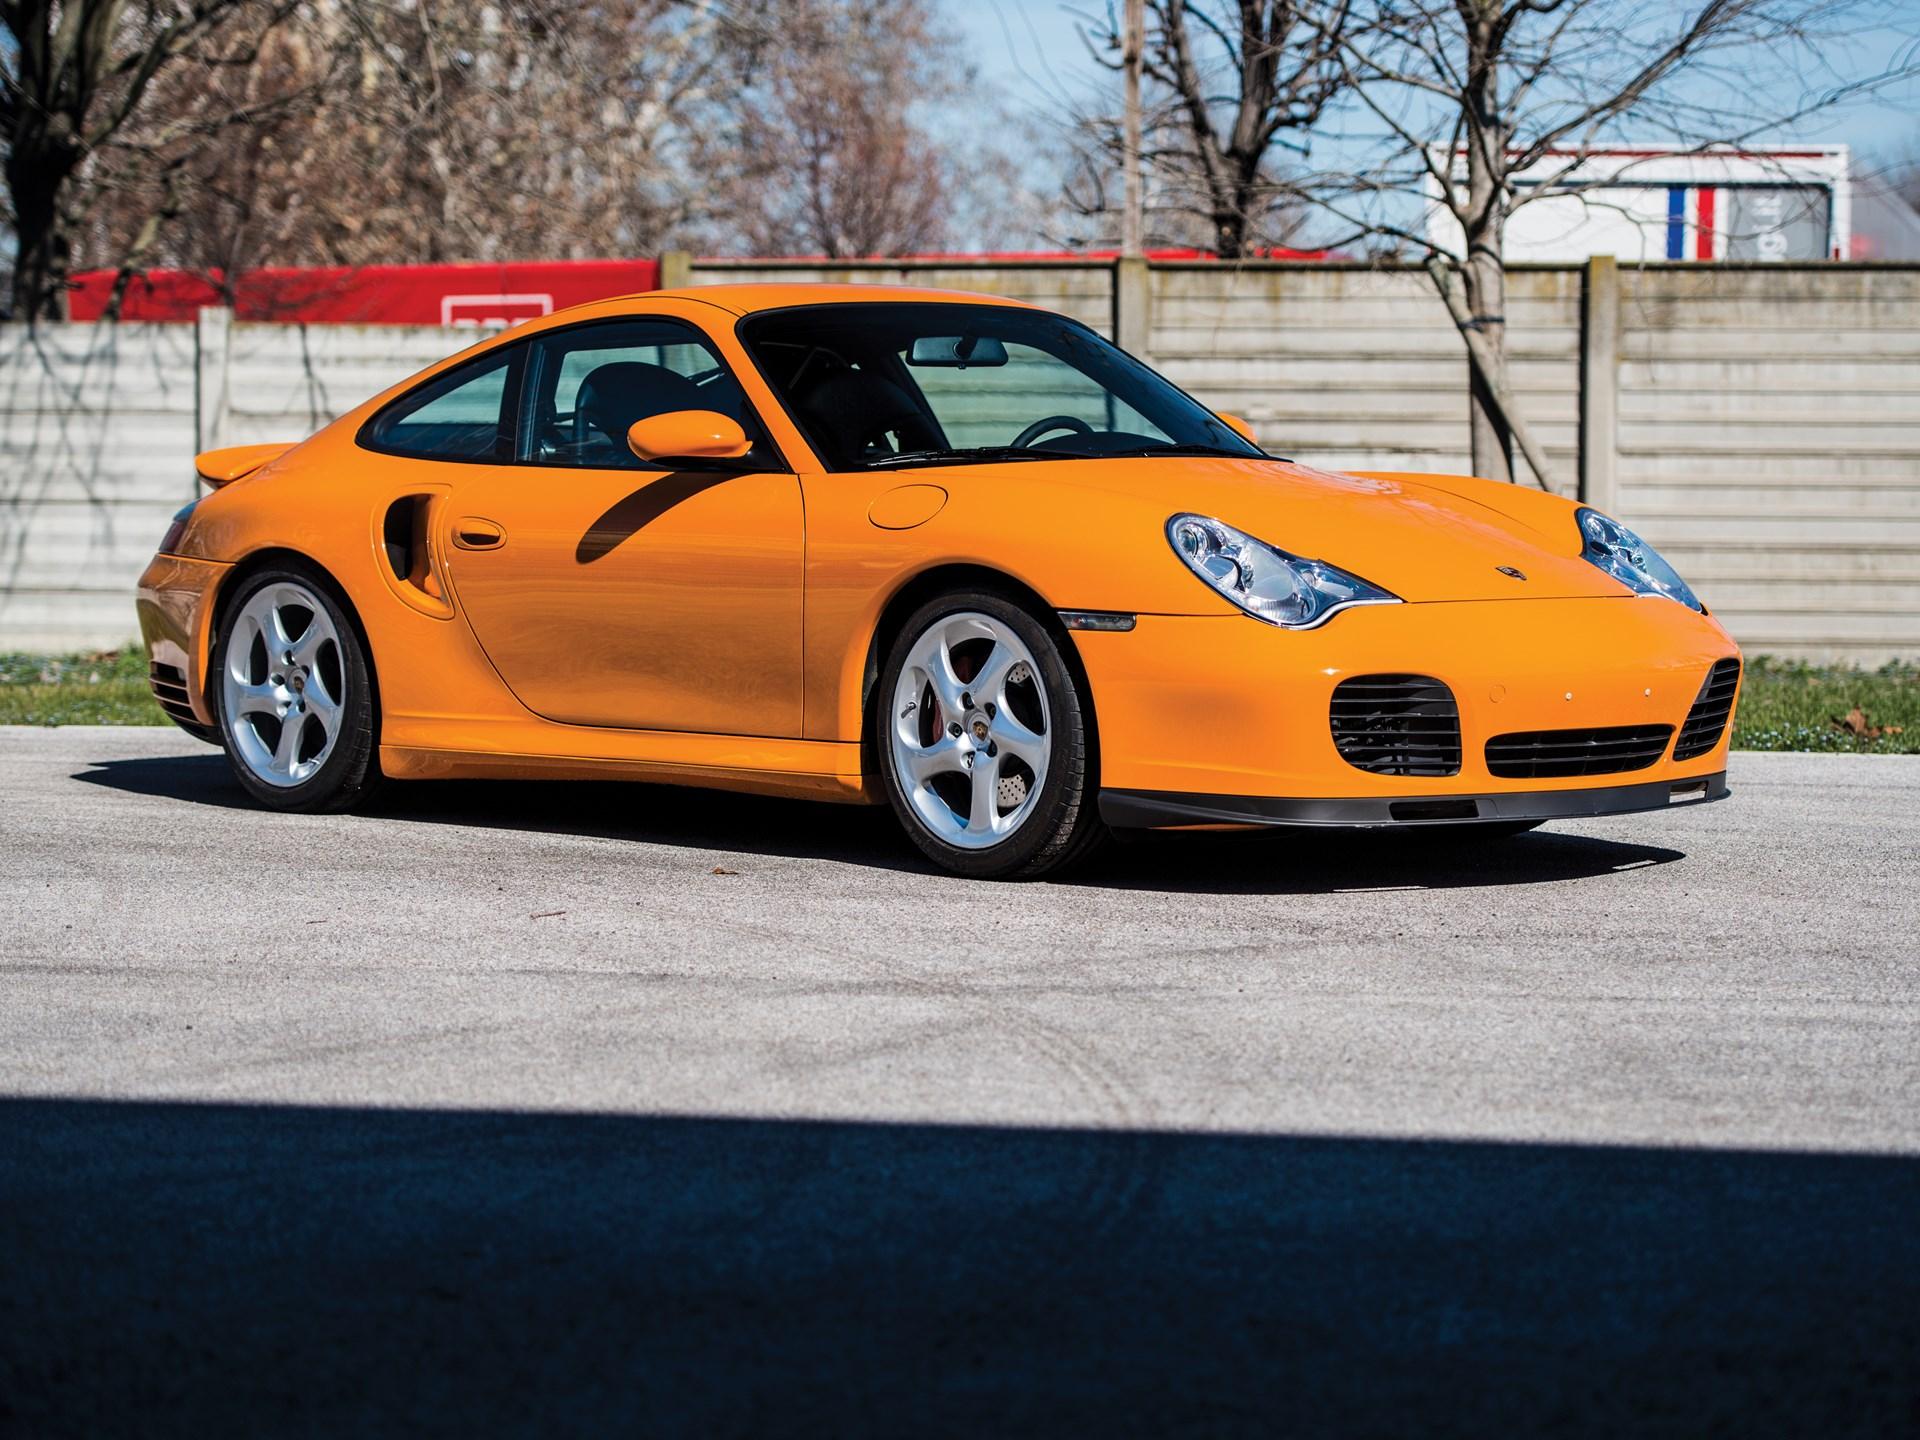 Porsche 996 Turbo >> Rm Sotheby S 2001 Porsche 911 Turbo Monaco 2018